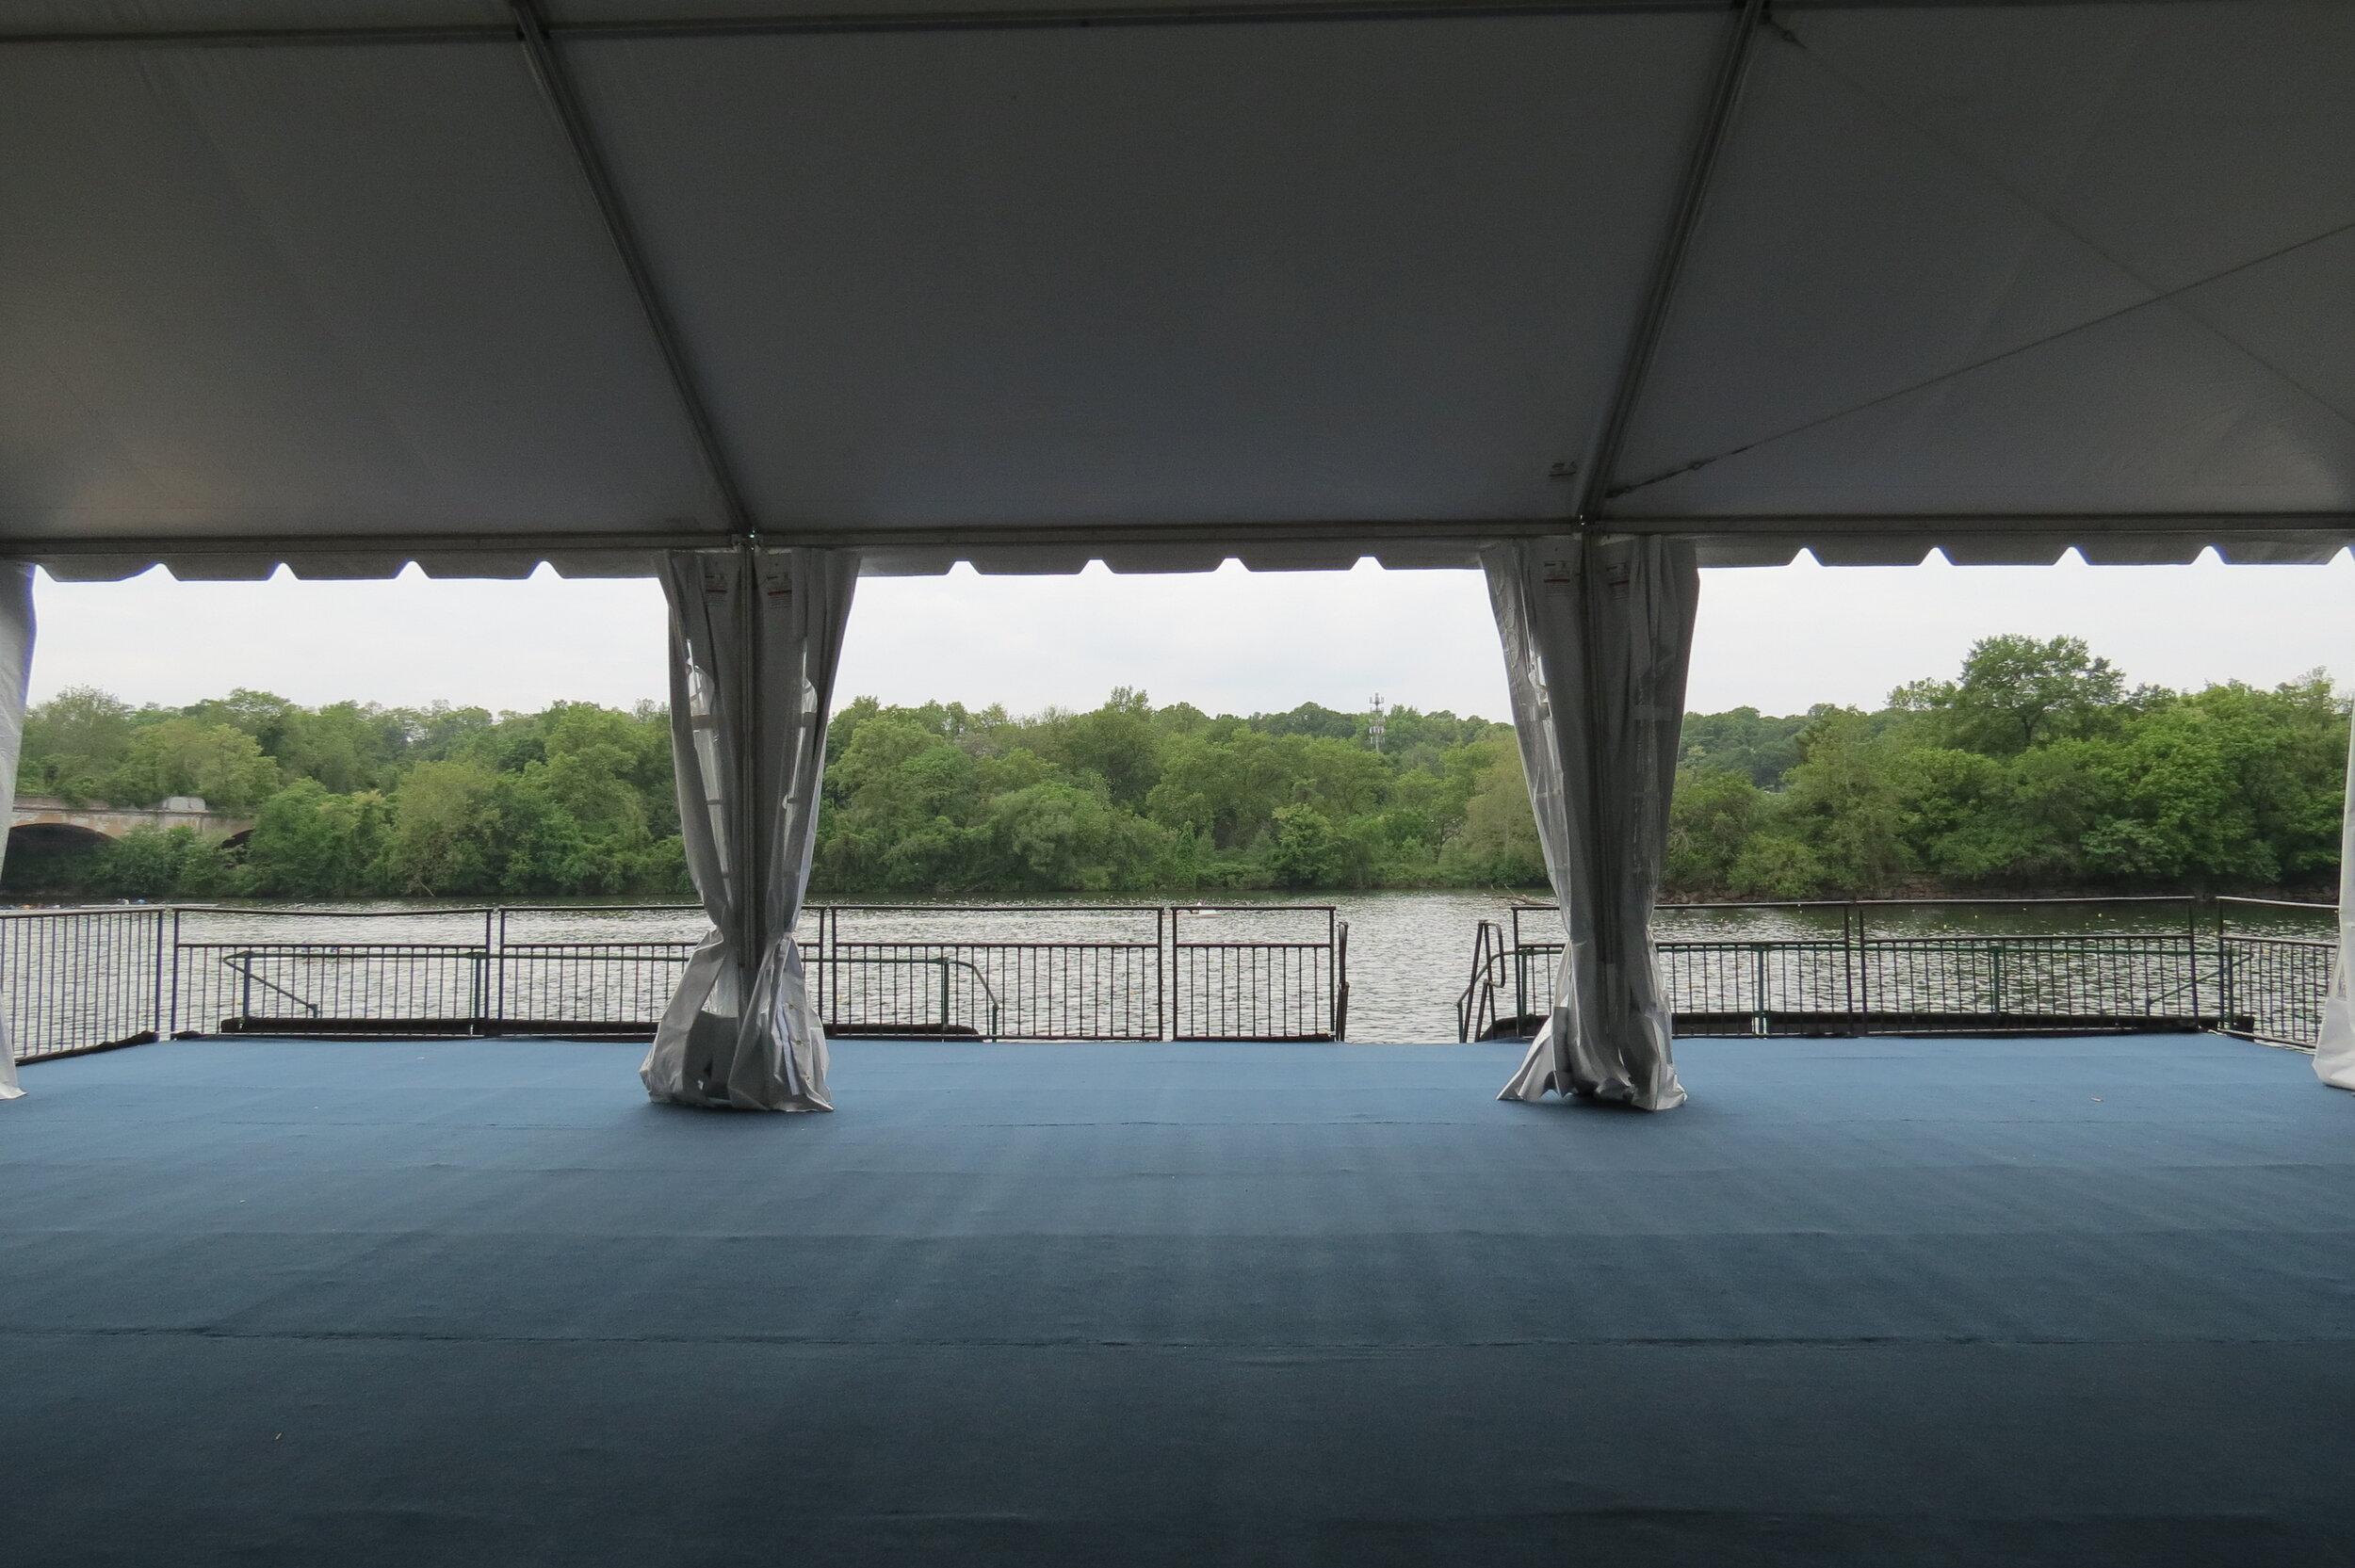 Commercial tent management